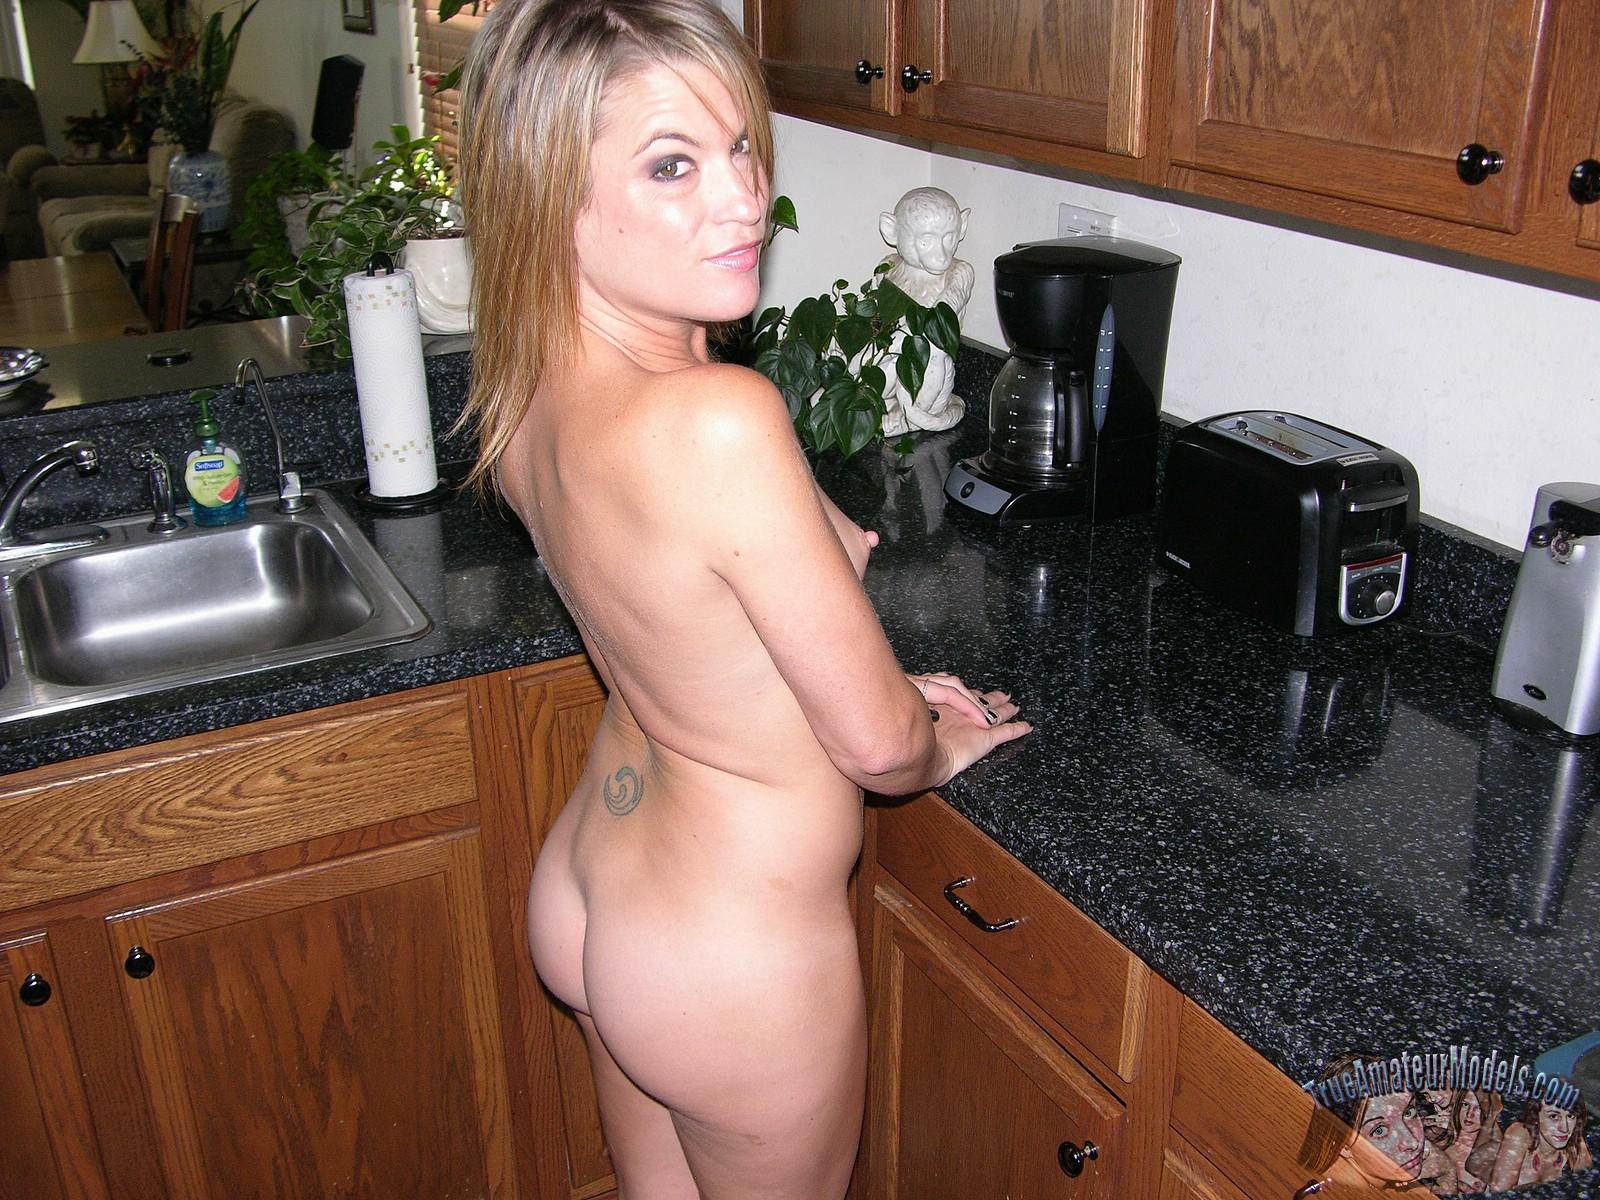 milf pics ameture nude